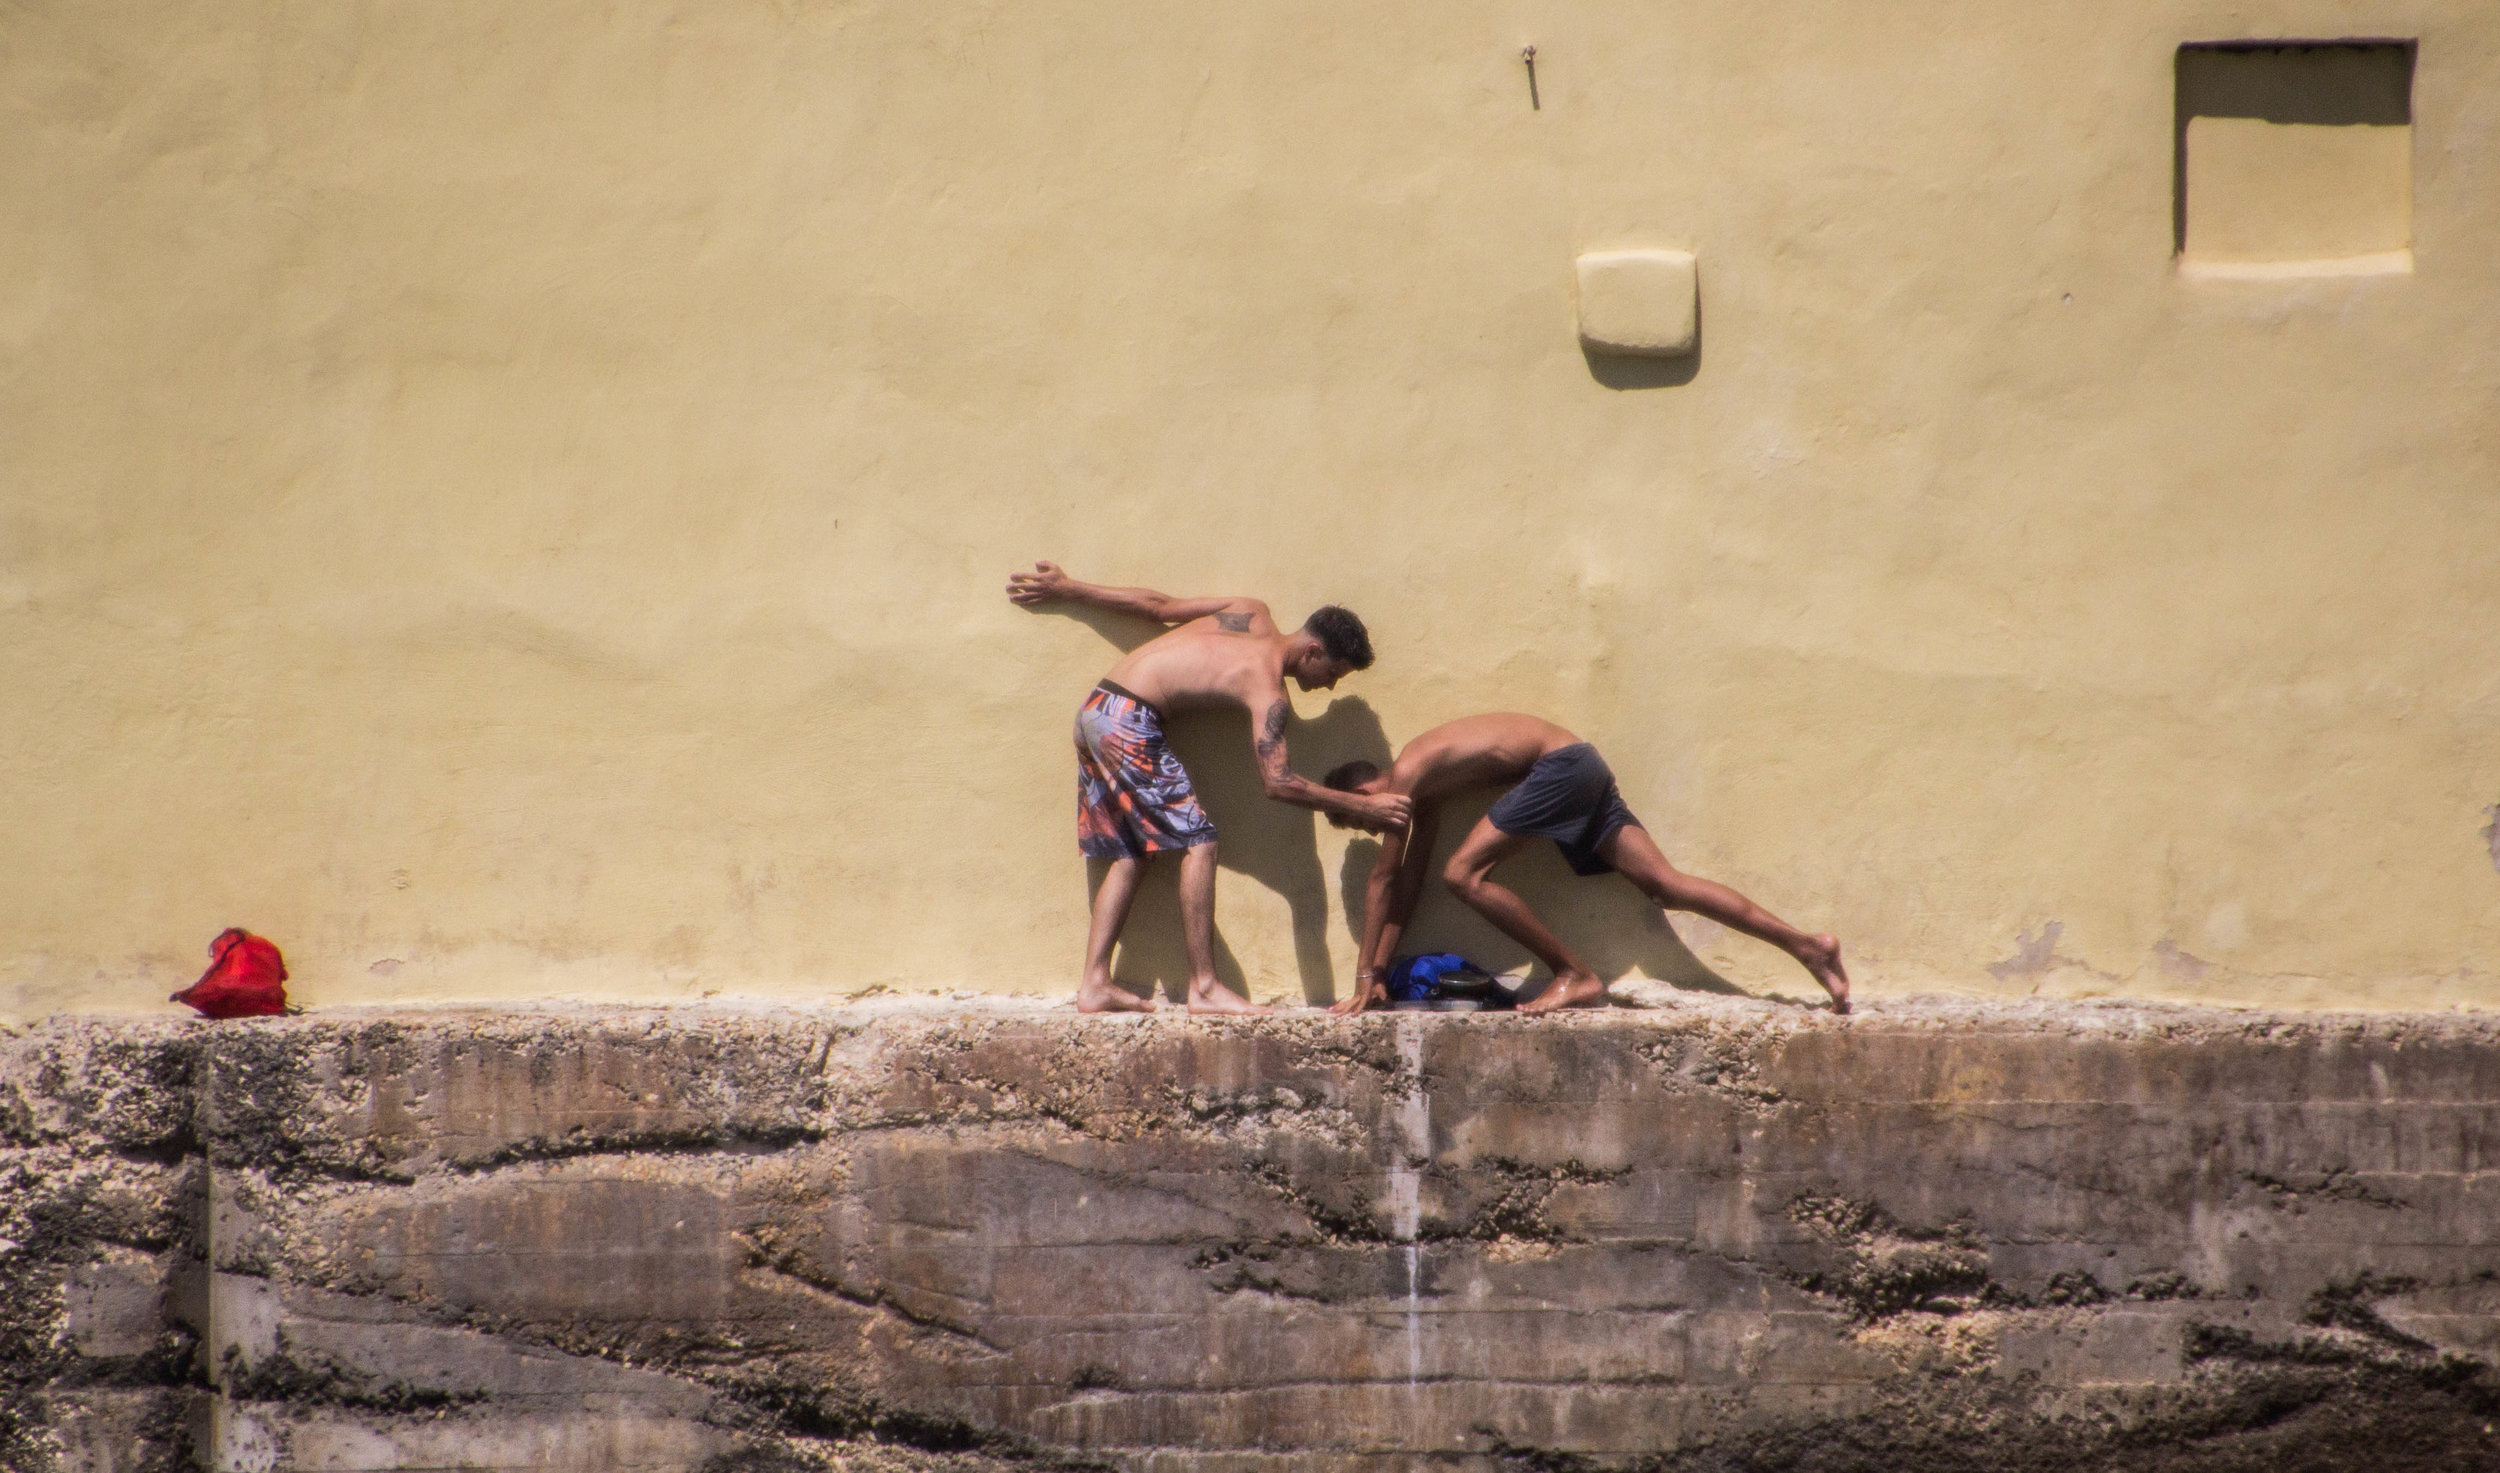 urban beach miramar havana cuba-1-3-2.jpg